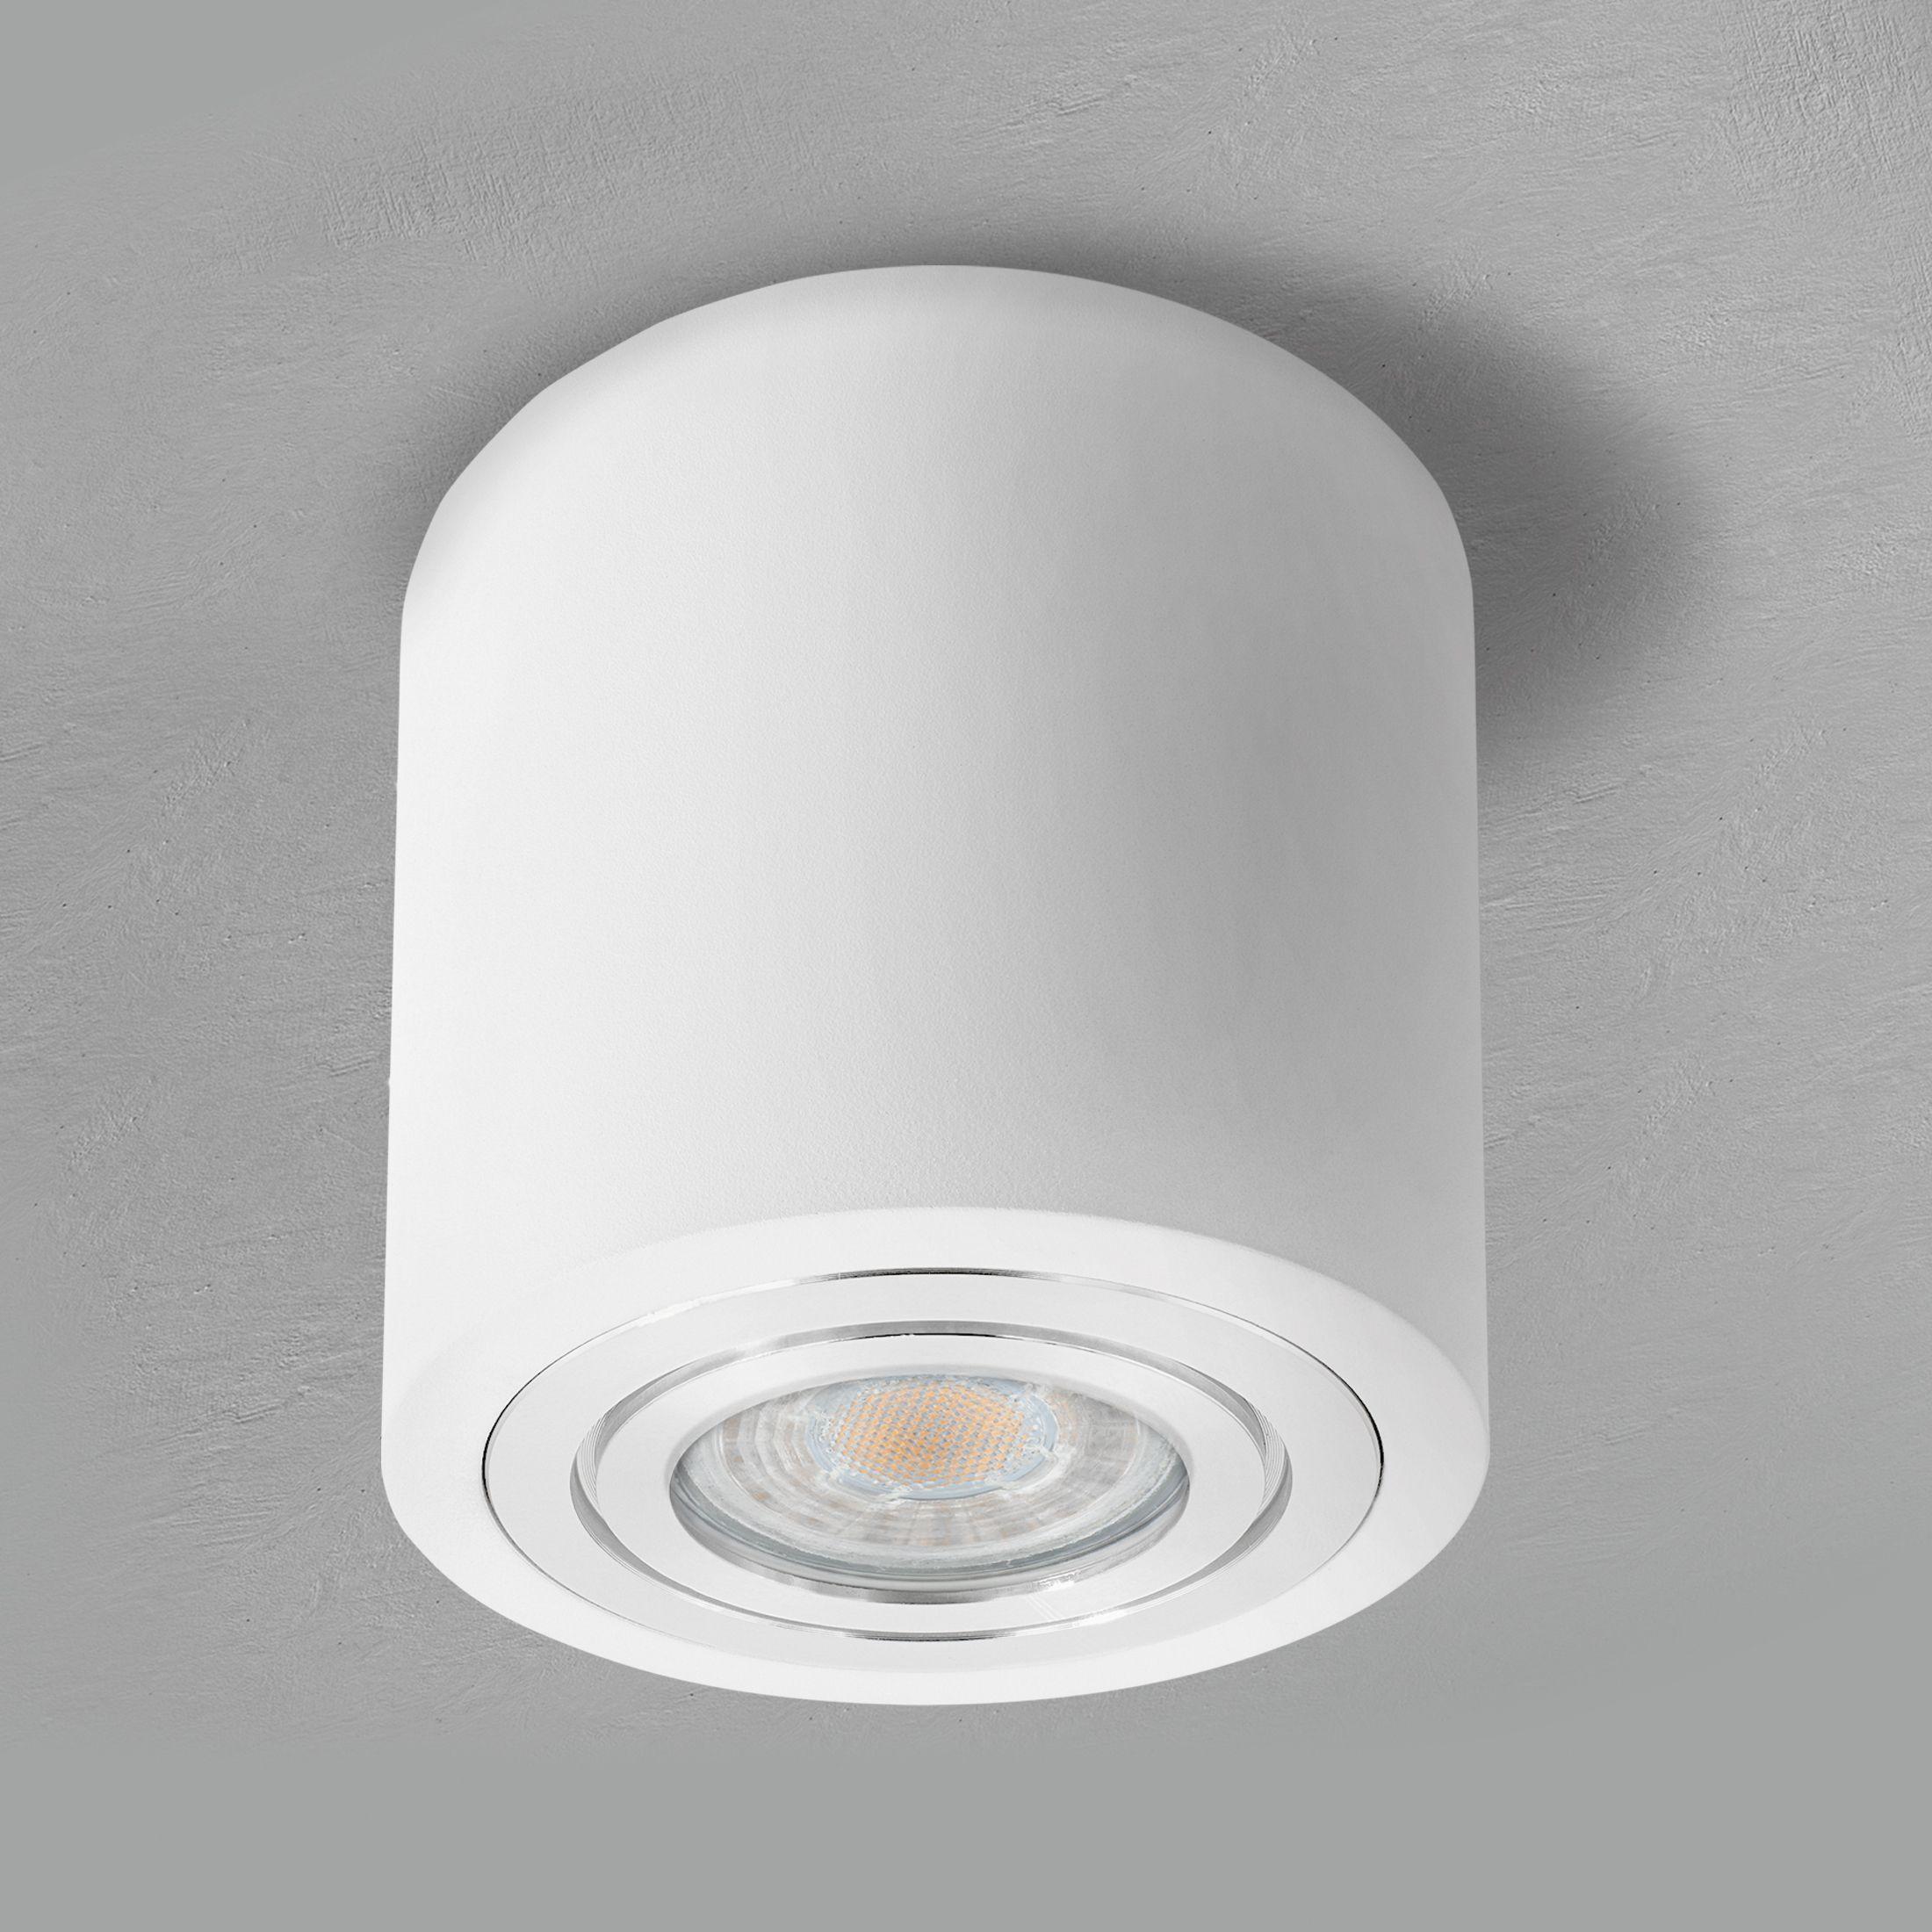 Beleuchtung Flur Panosundaki Pin